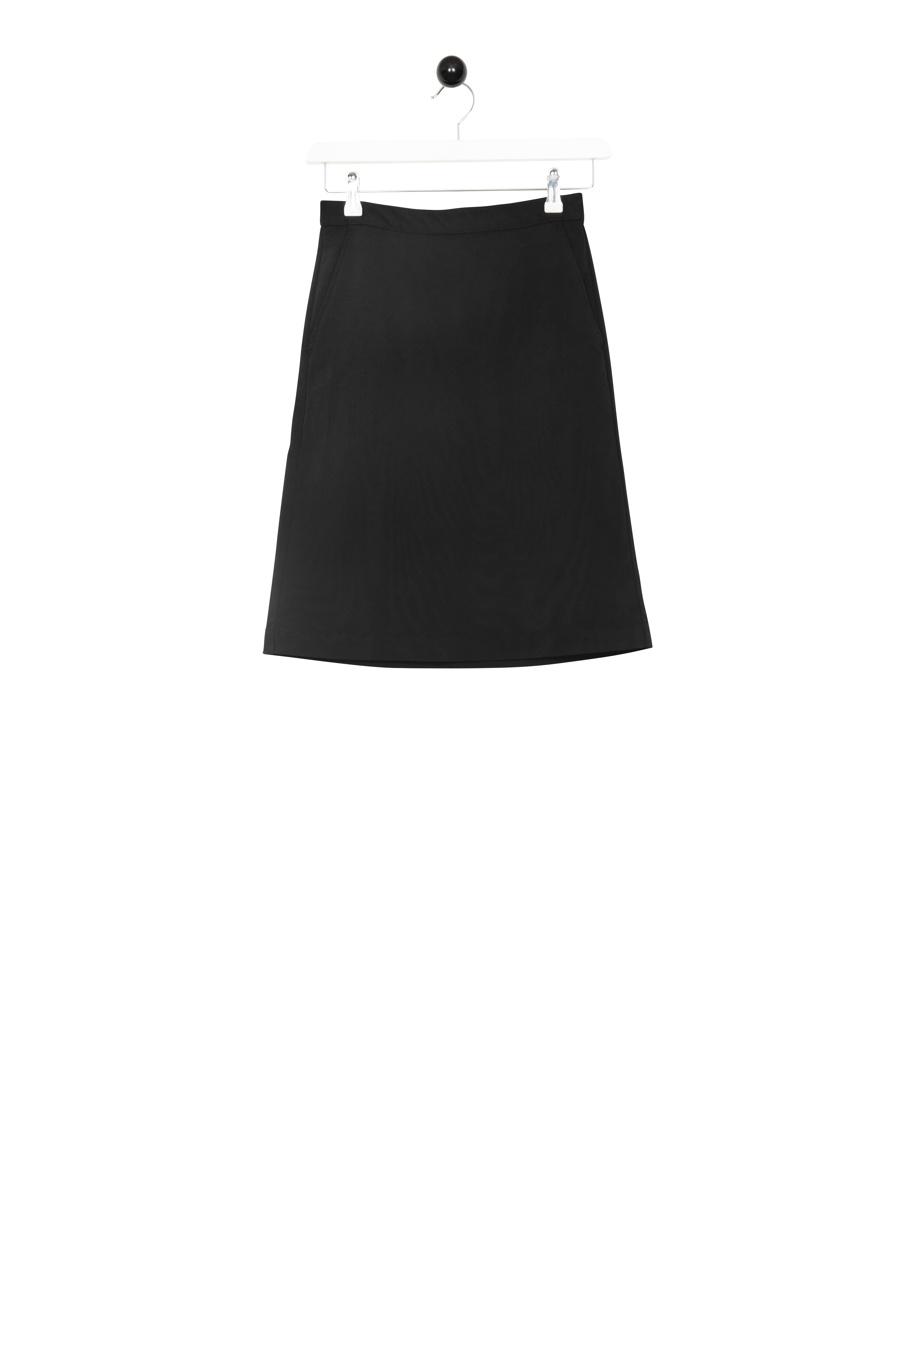 Return Obsidian Skirt